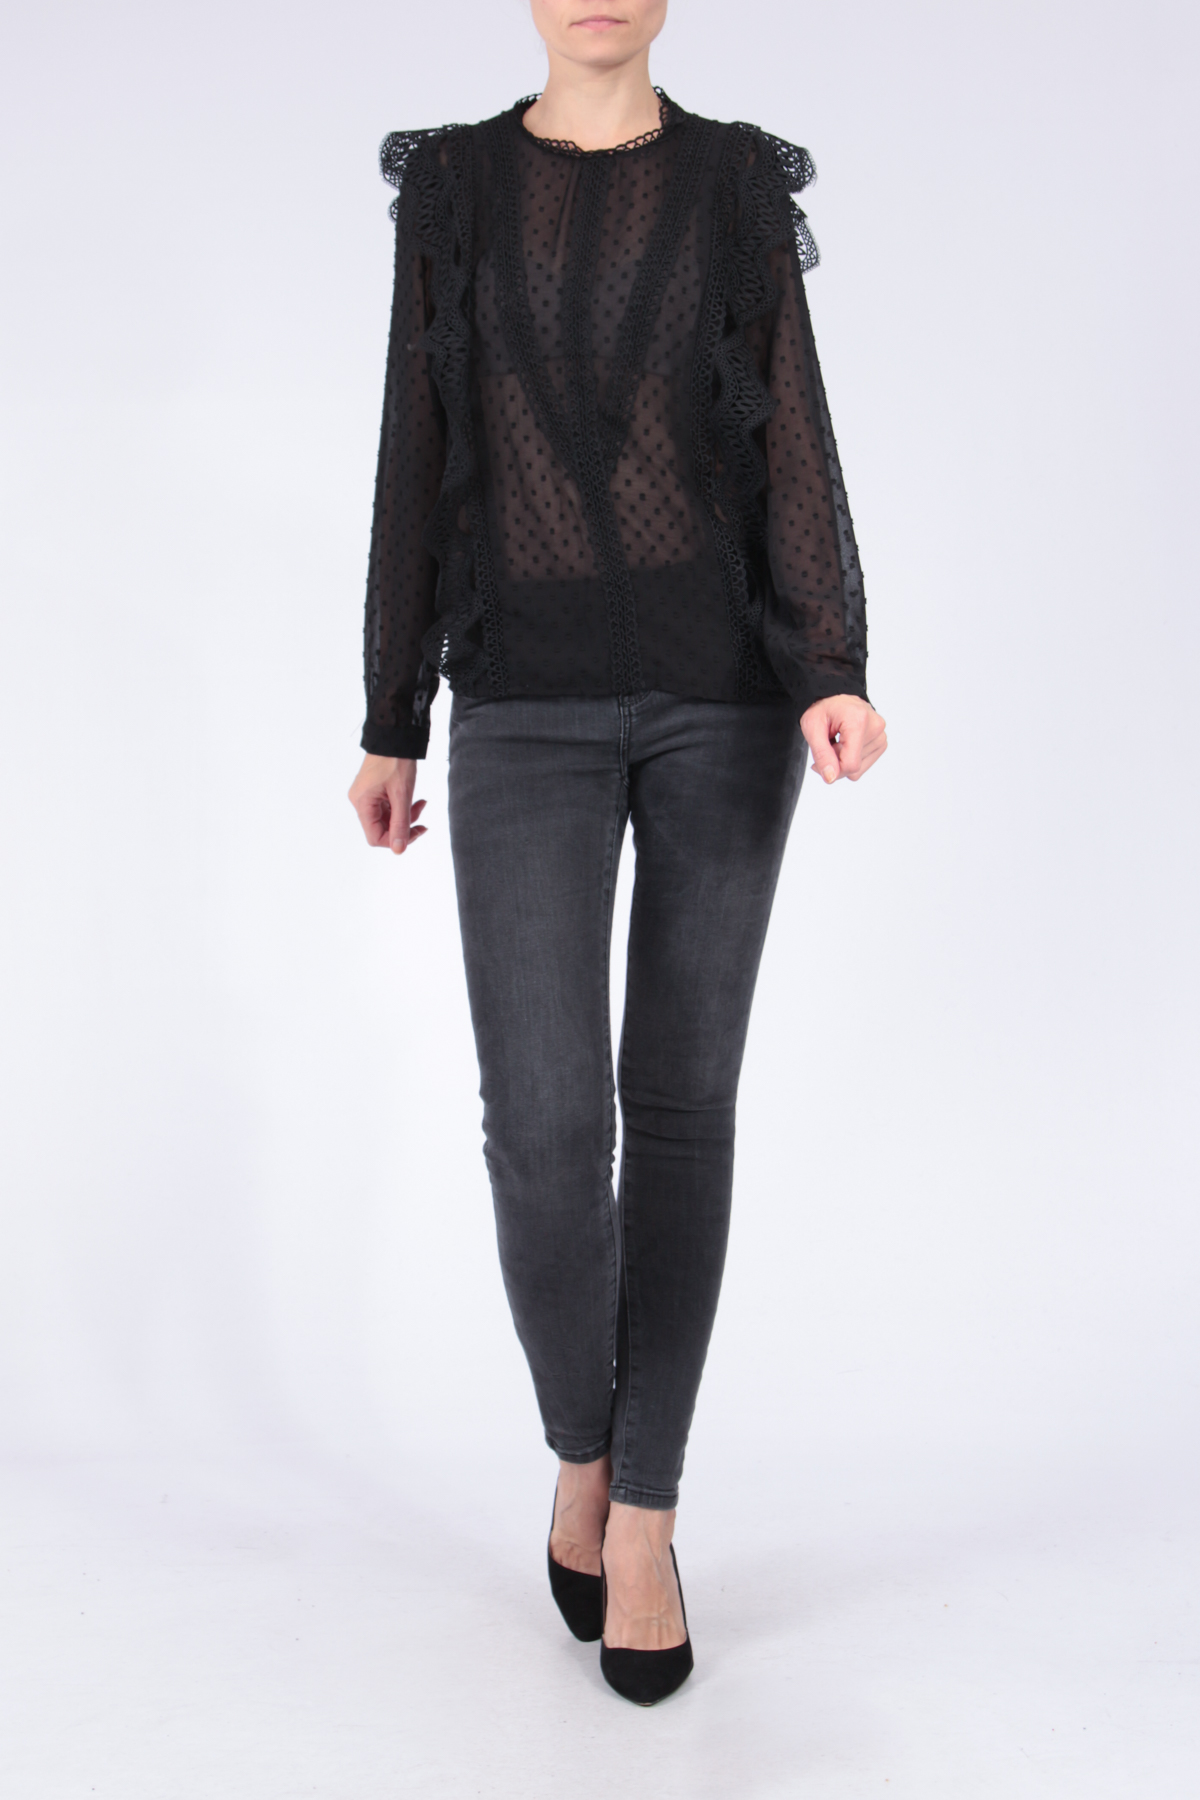 Blouses Femme Noir Choklate 80863-1 #c eFashion Paris